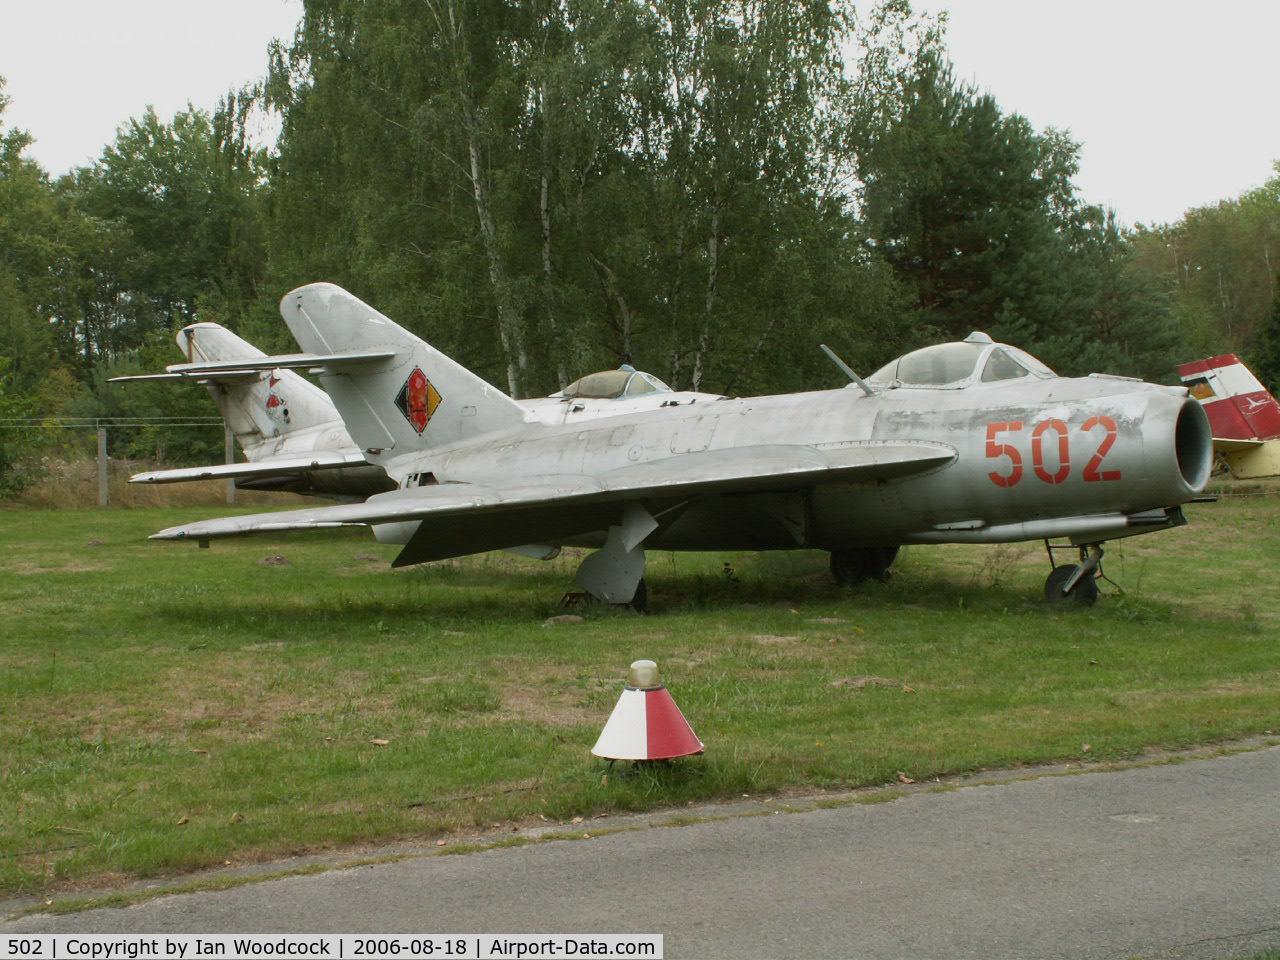 502, PZL-Mielec Lim-5 (MiG-17F) C/N 1C0902, Mikoyan-Gurevich Lim-5/Cottbus Museum-Brandenburg